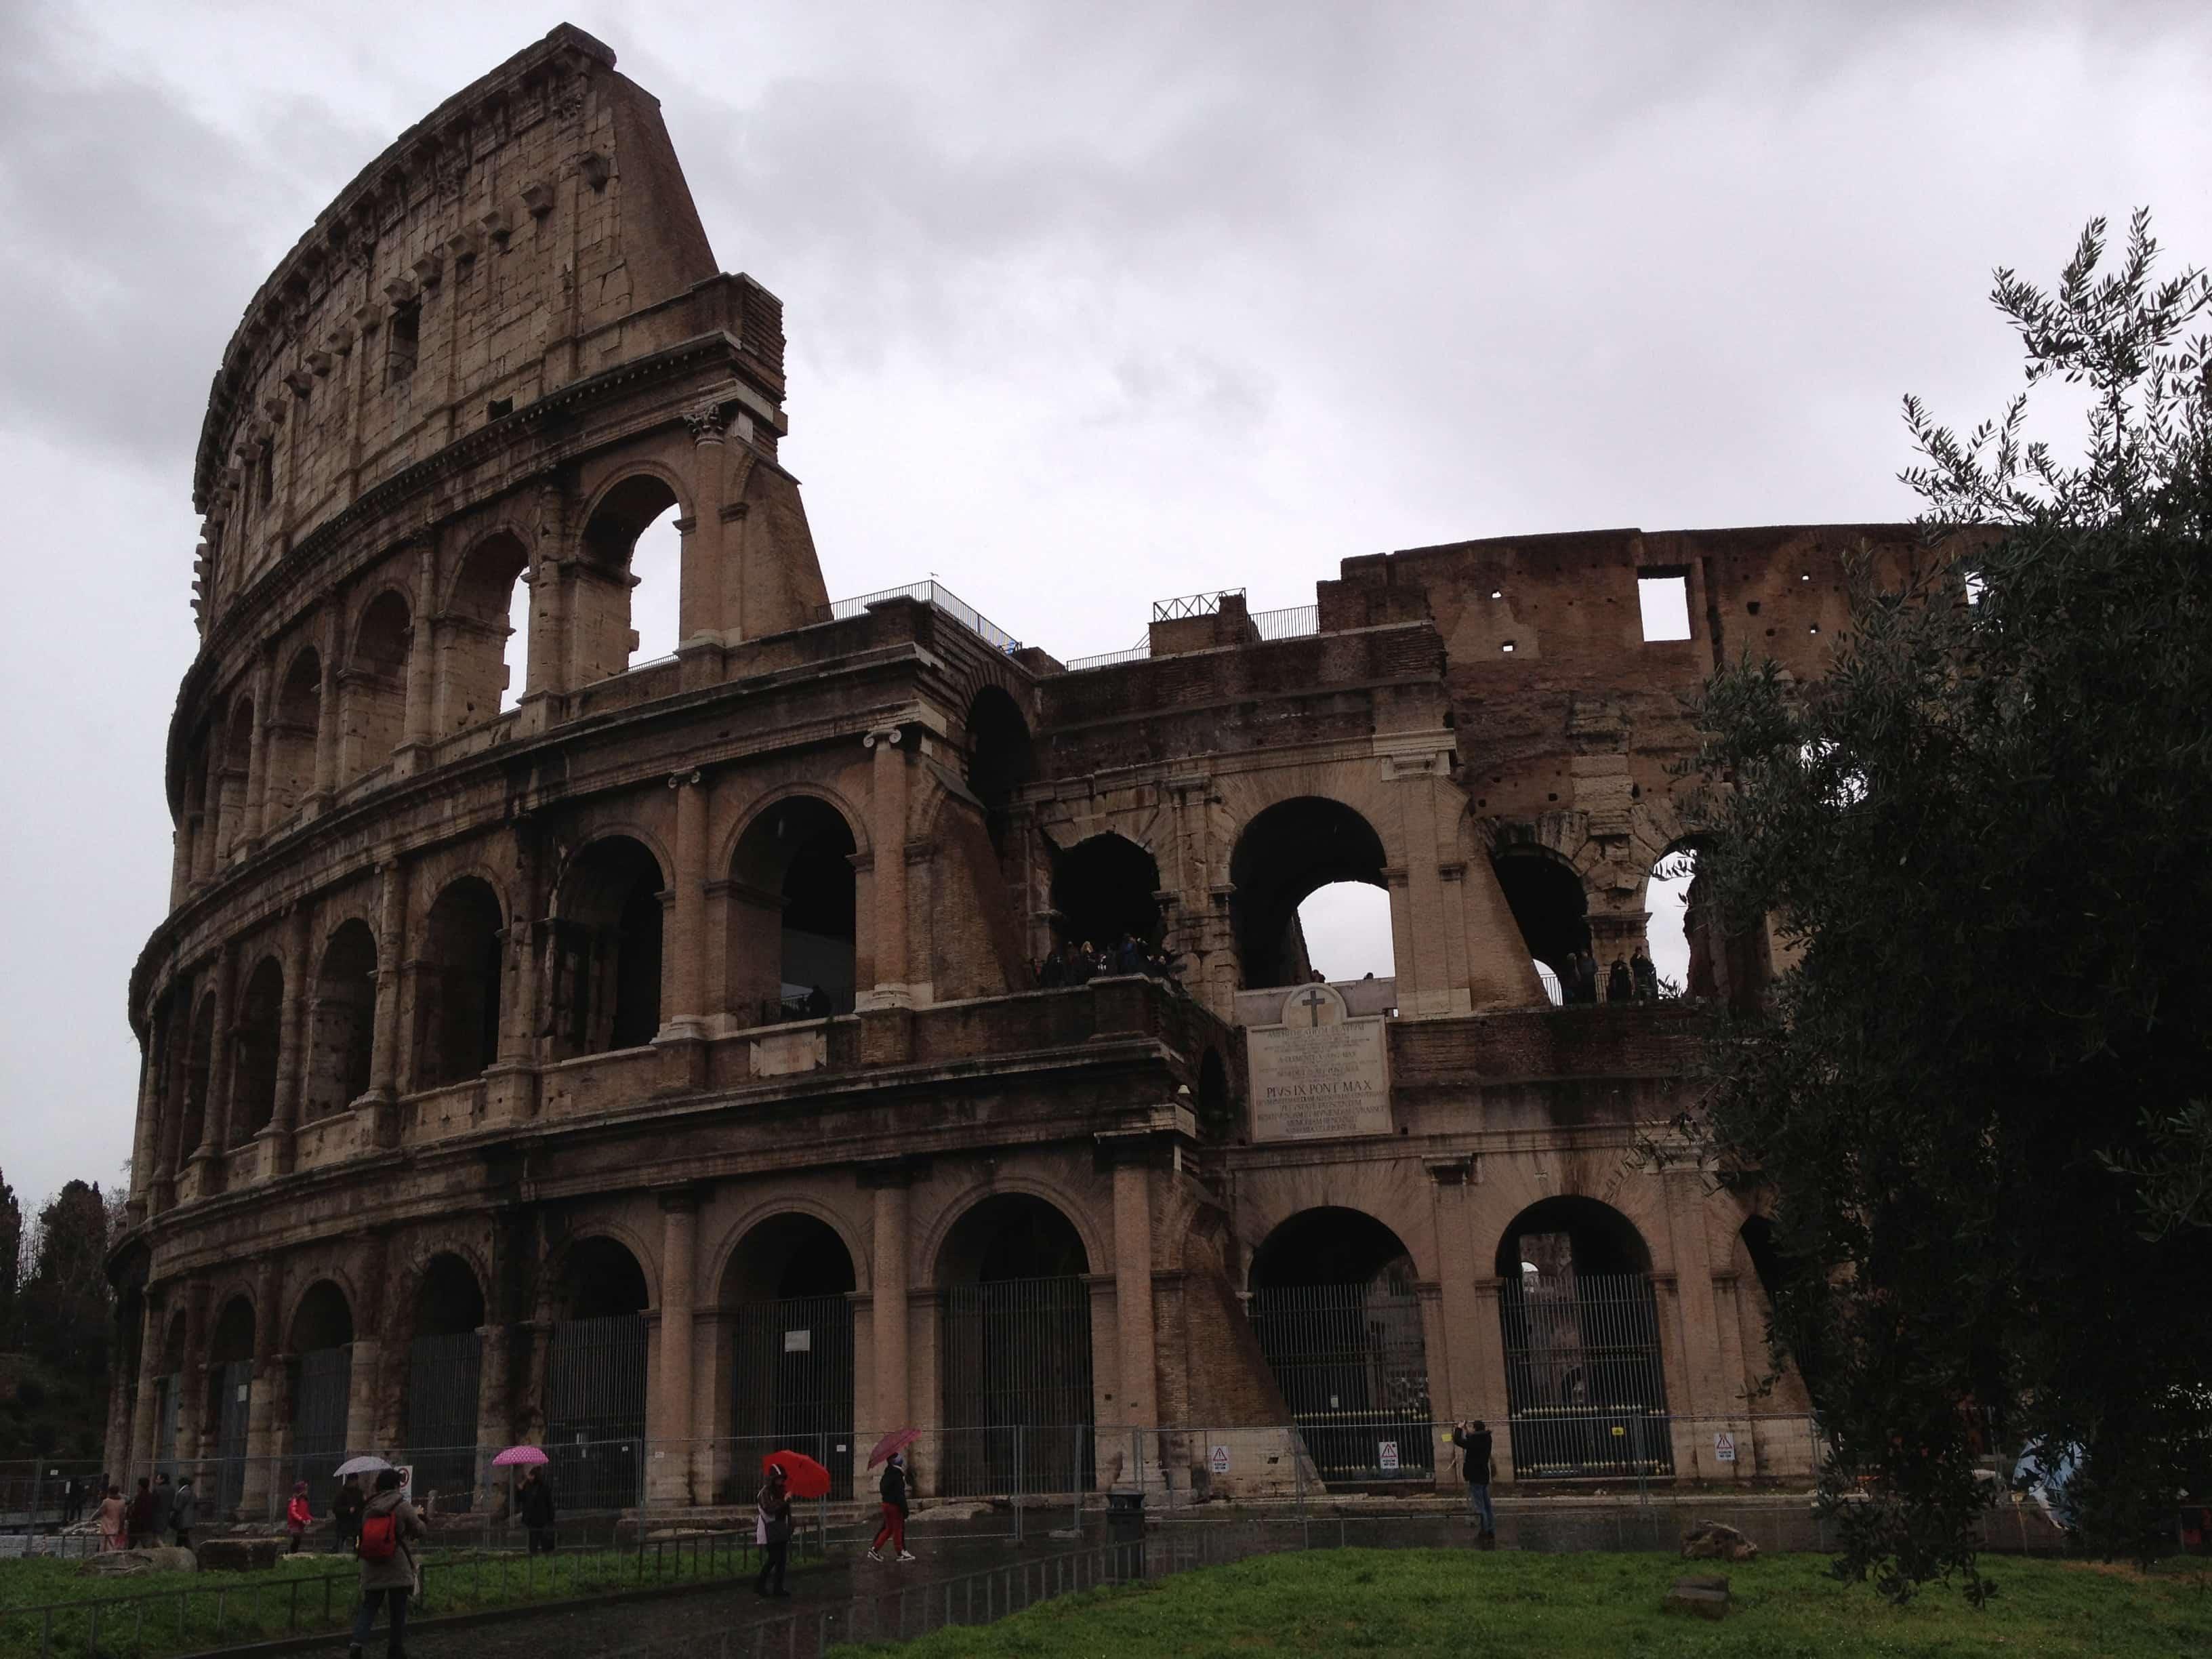 Weekendje weg Rome, Rome Vakantie, Travel Rumors, Eten Rome, Drinken Rome, Bezienswaardigheden Rome